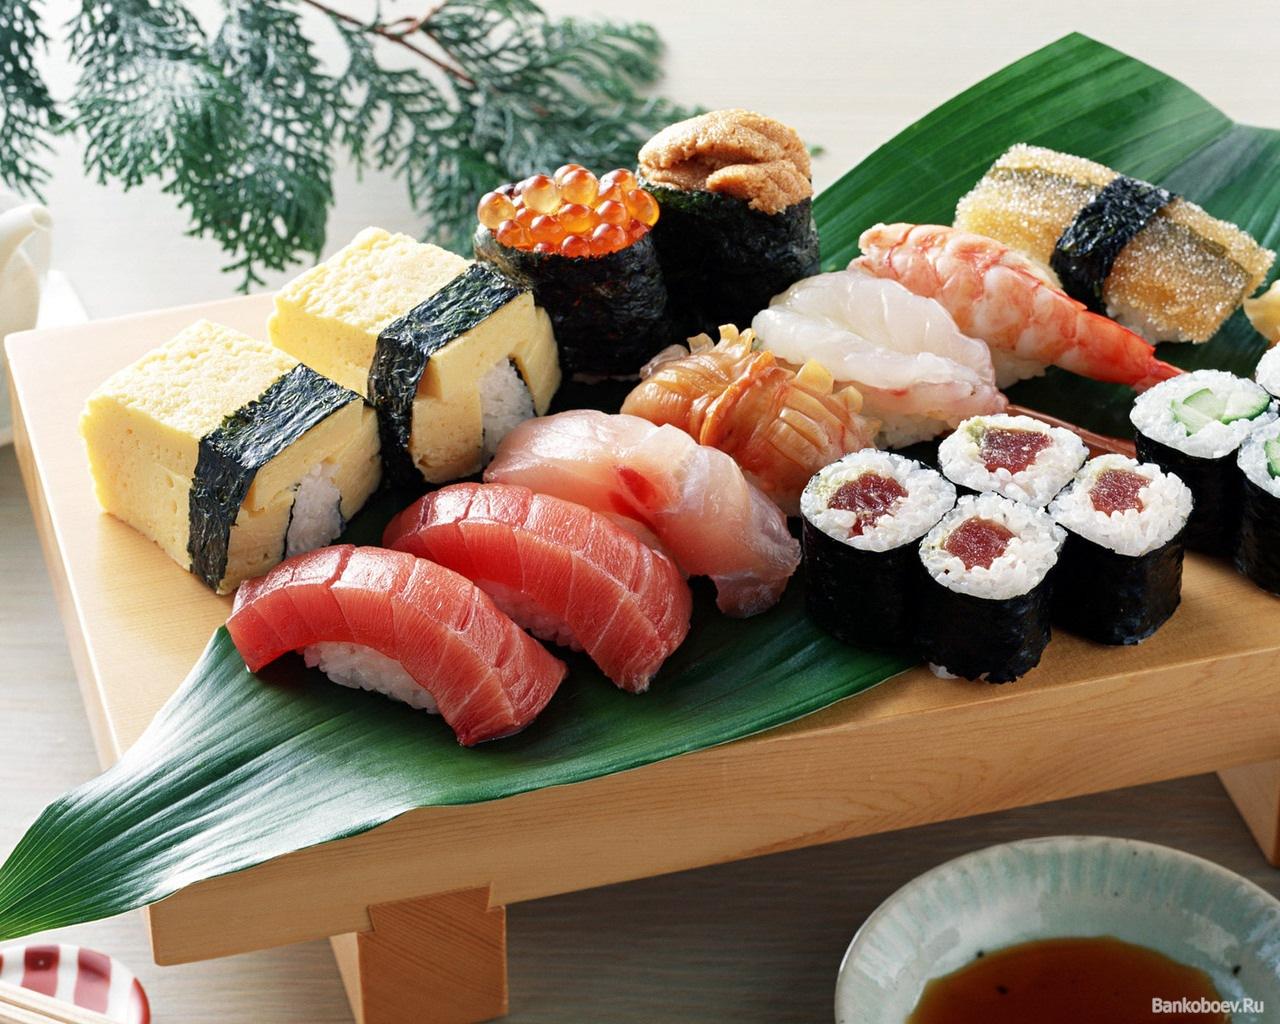 Как приготовить суши дома фото пошаговая инструкция - 60401